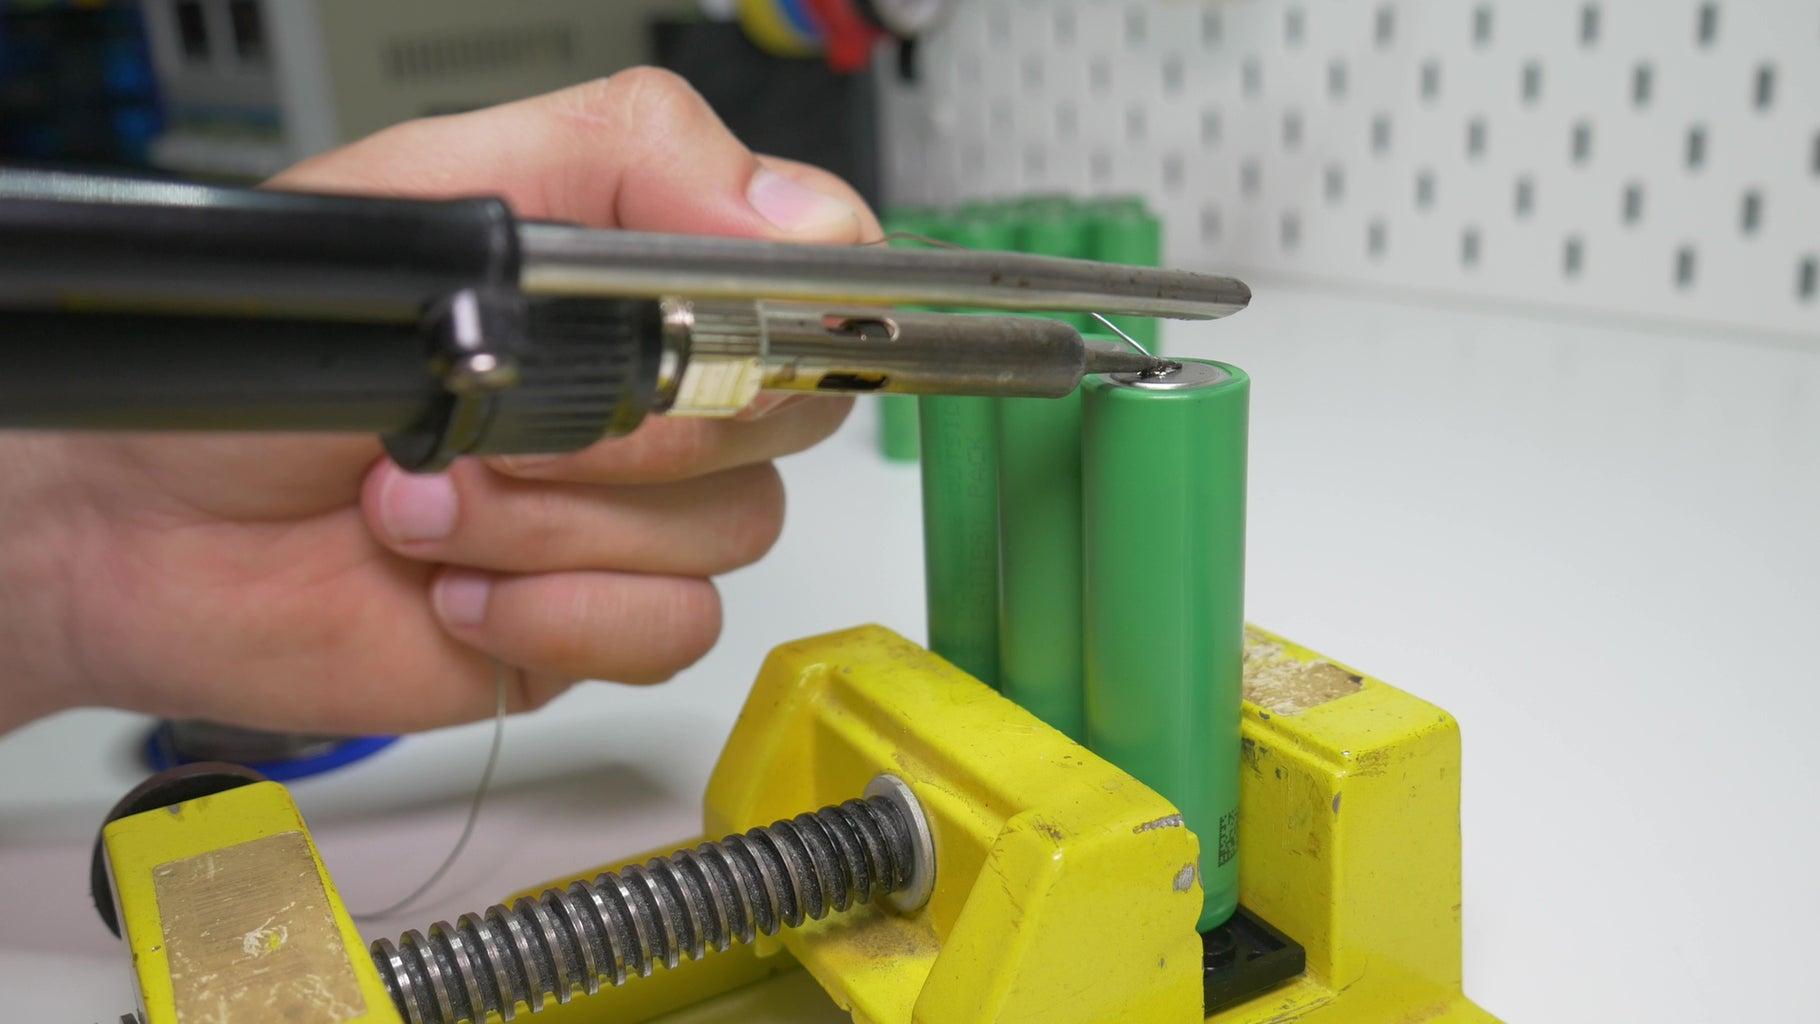 DIY 18650 Battery Pack